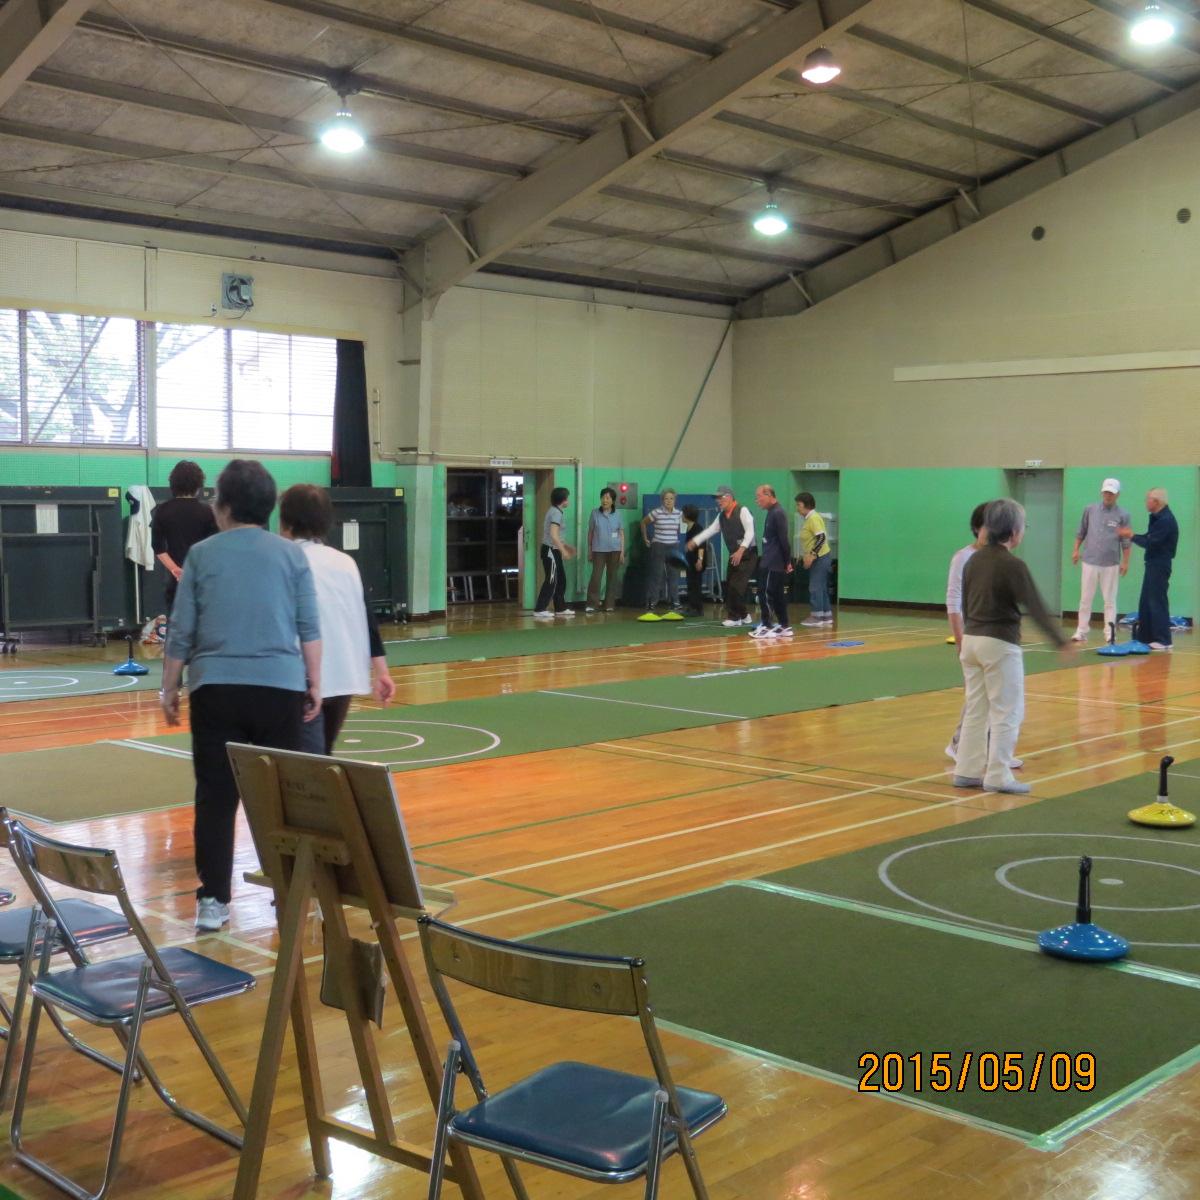 シニアスポーツ振興事業ユニカール教室